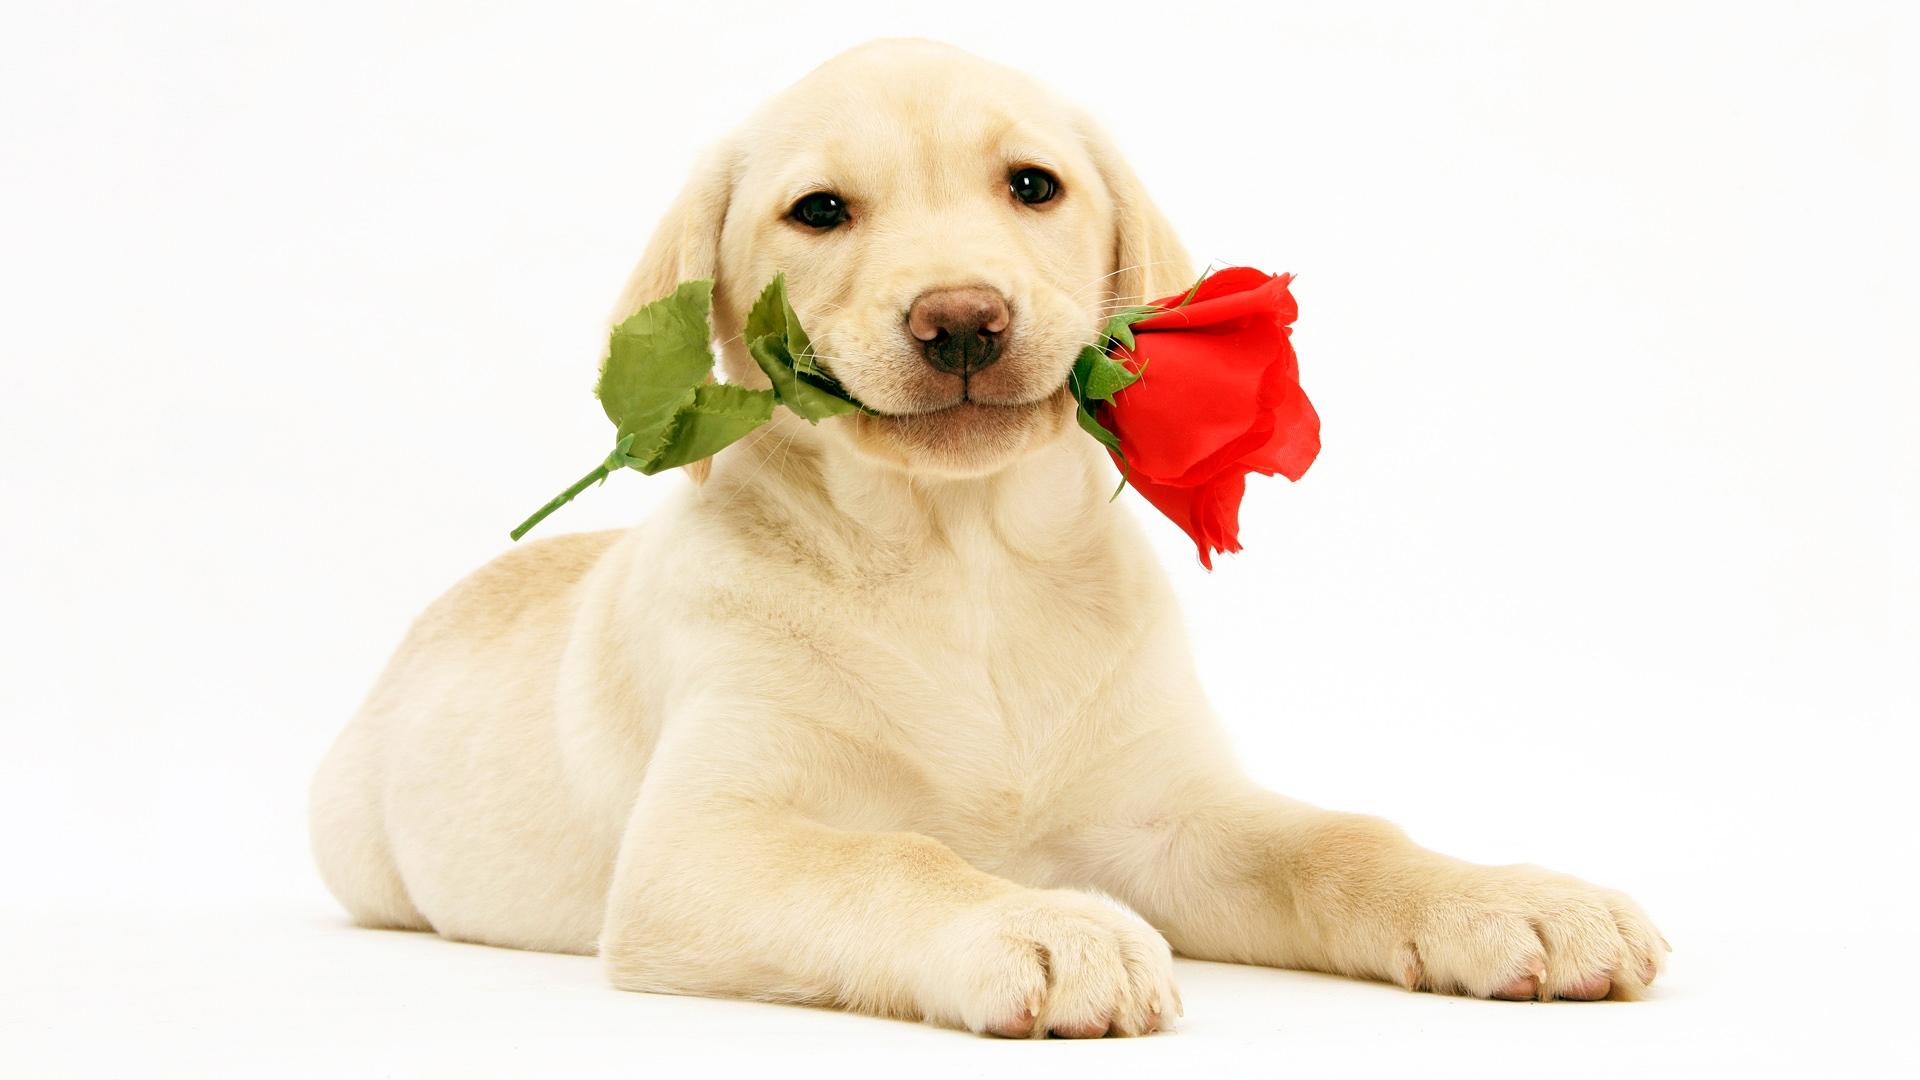 """wwwgougou_美研究称狗狗会释放与人类相似的""""爱情荷尔蒙""""_博览_环球网"""